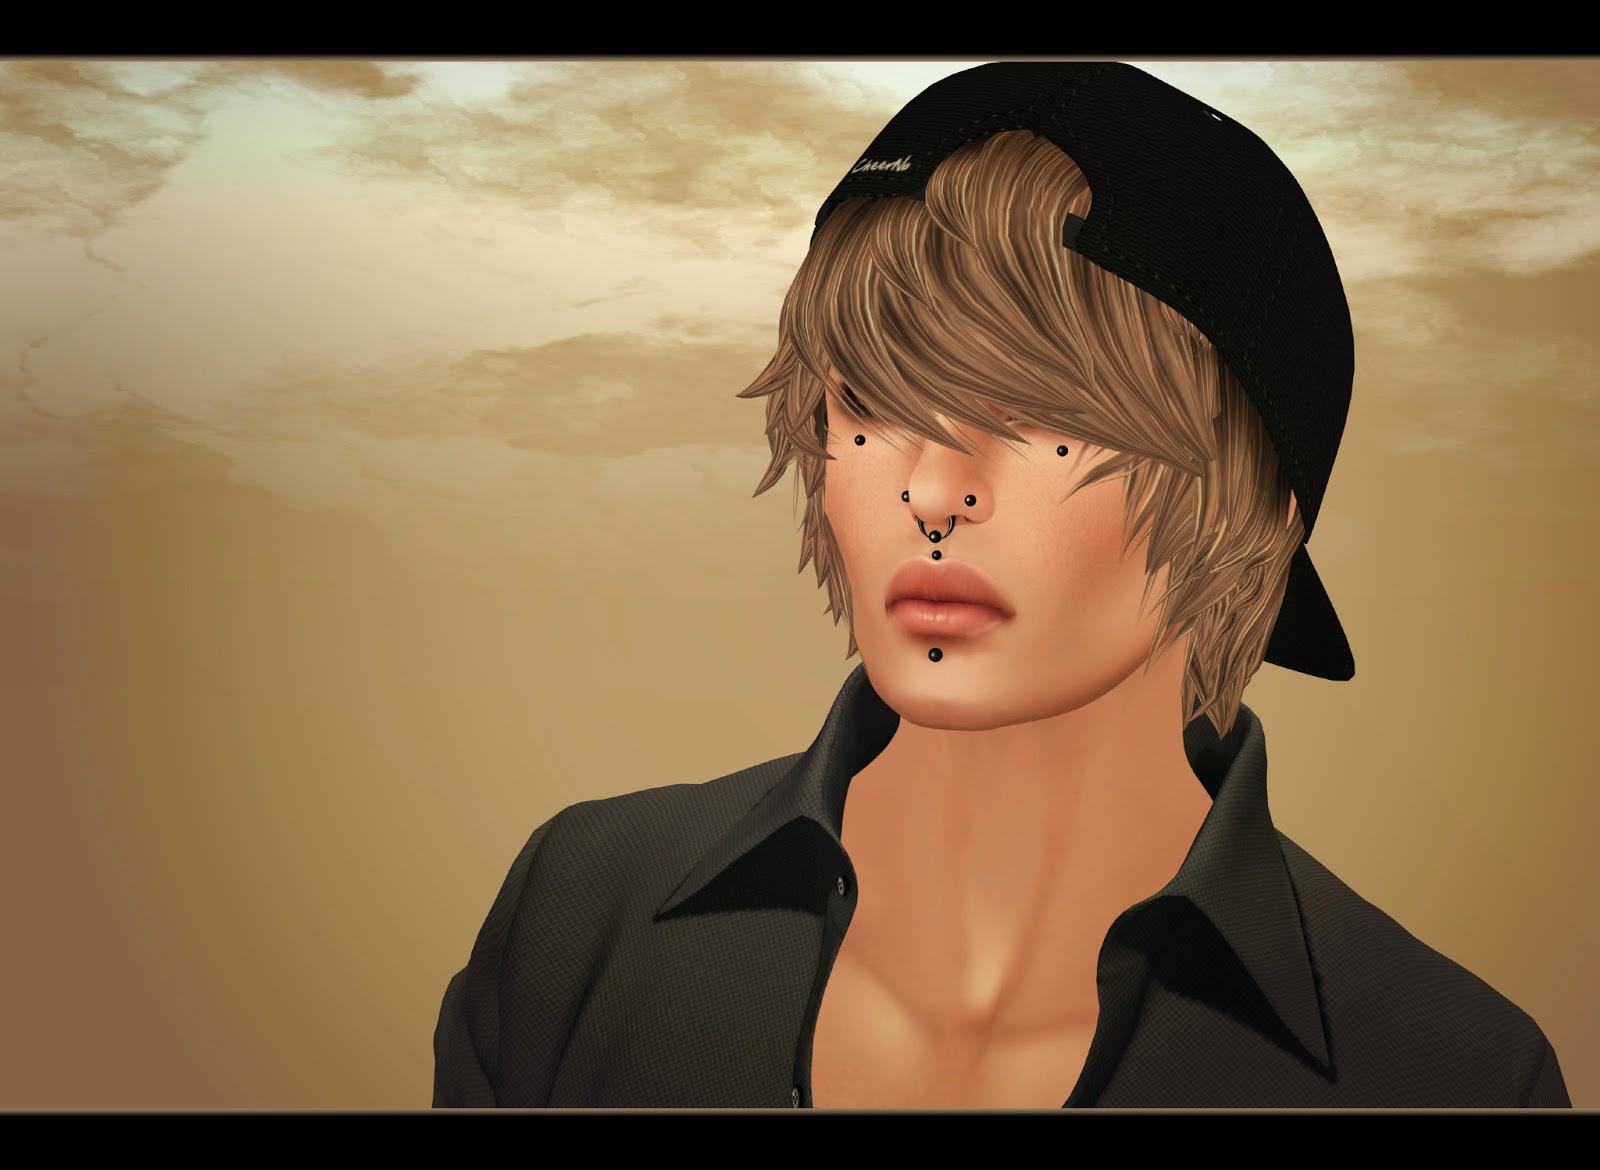 Yakuza hairstyle